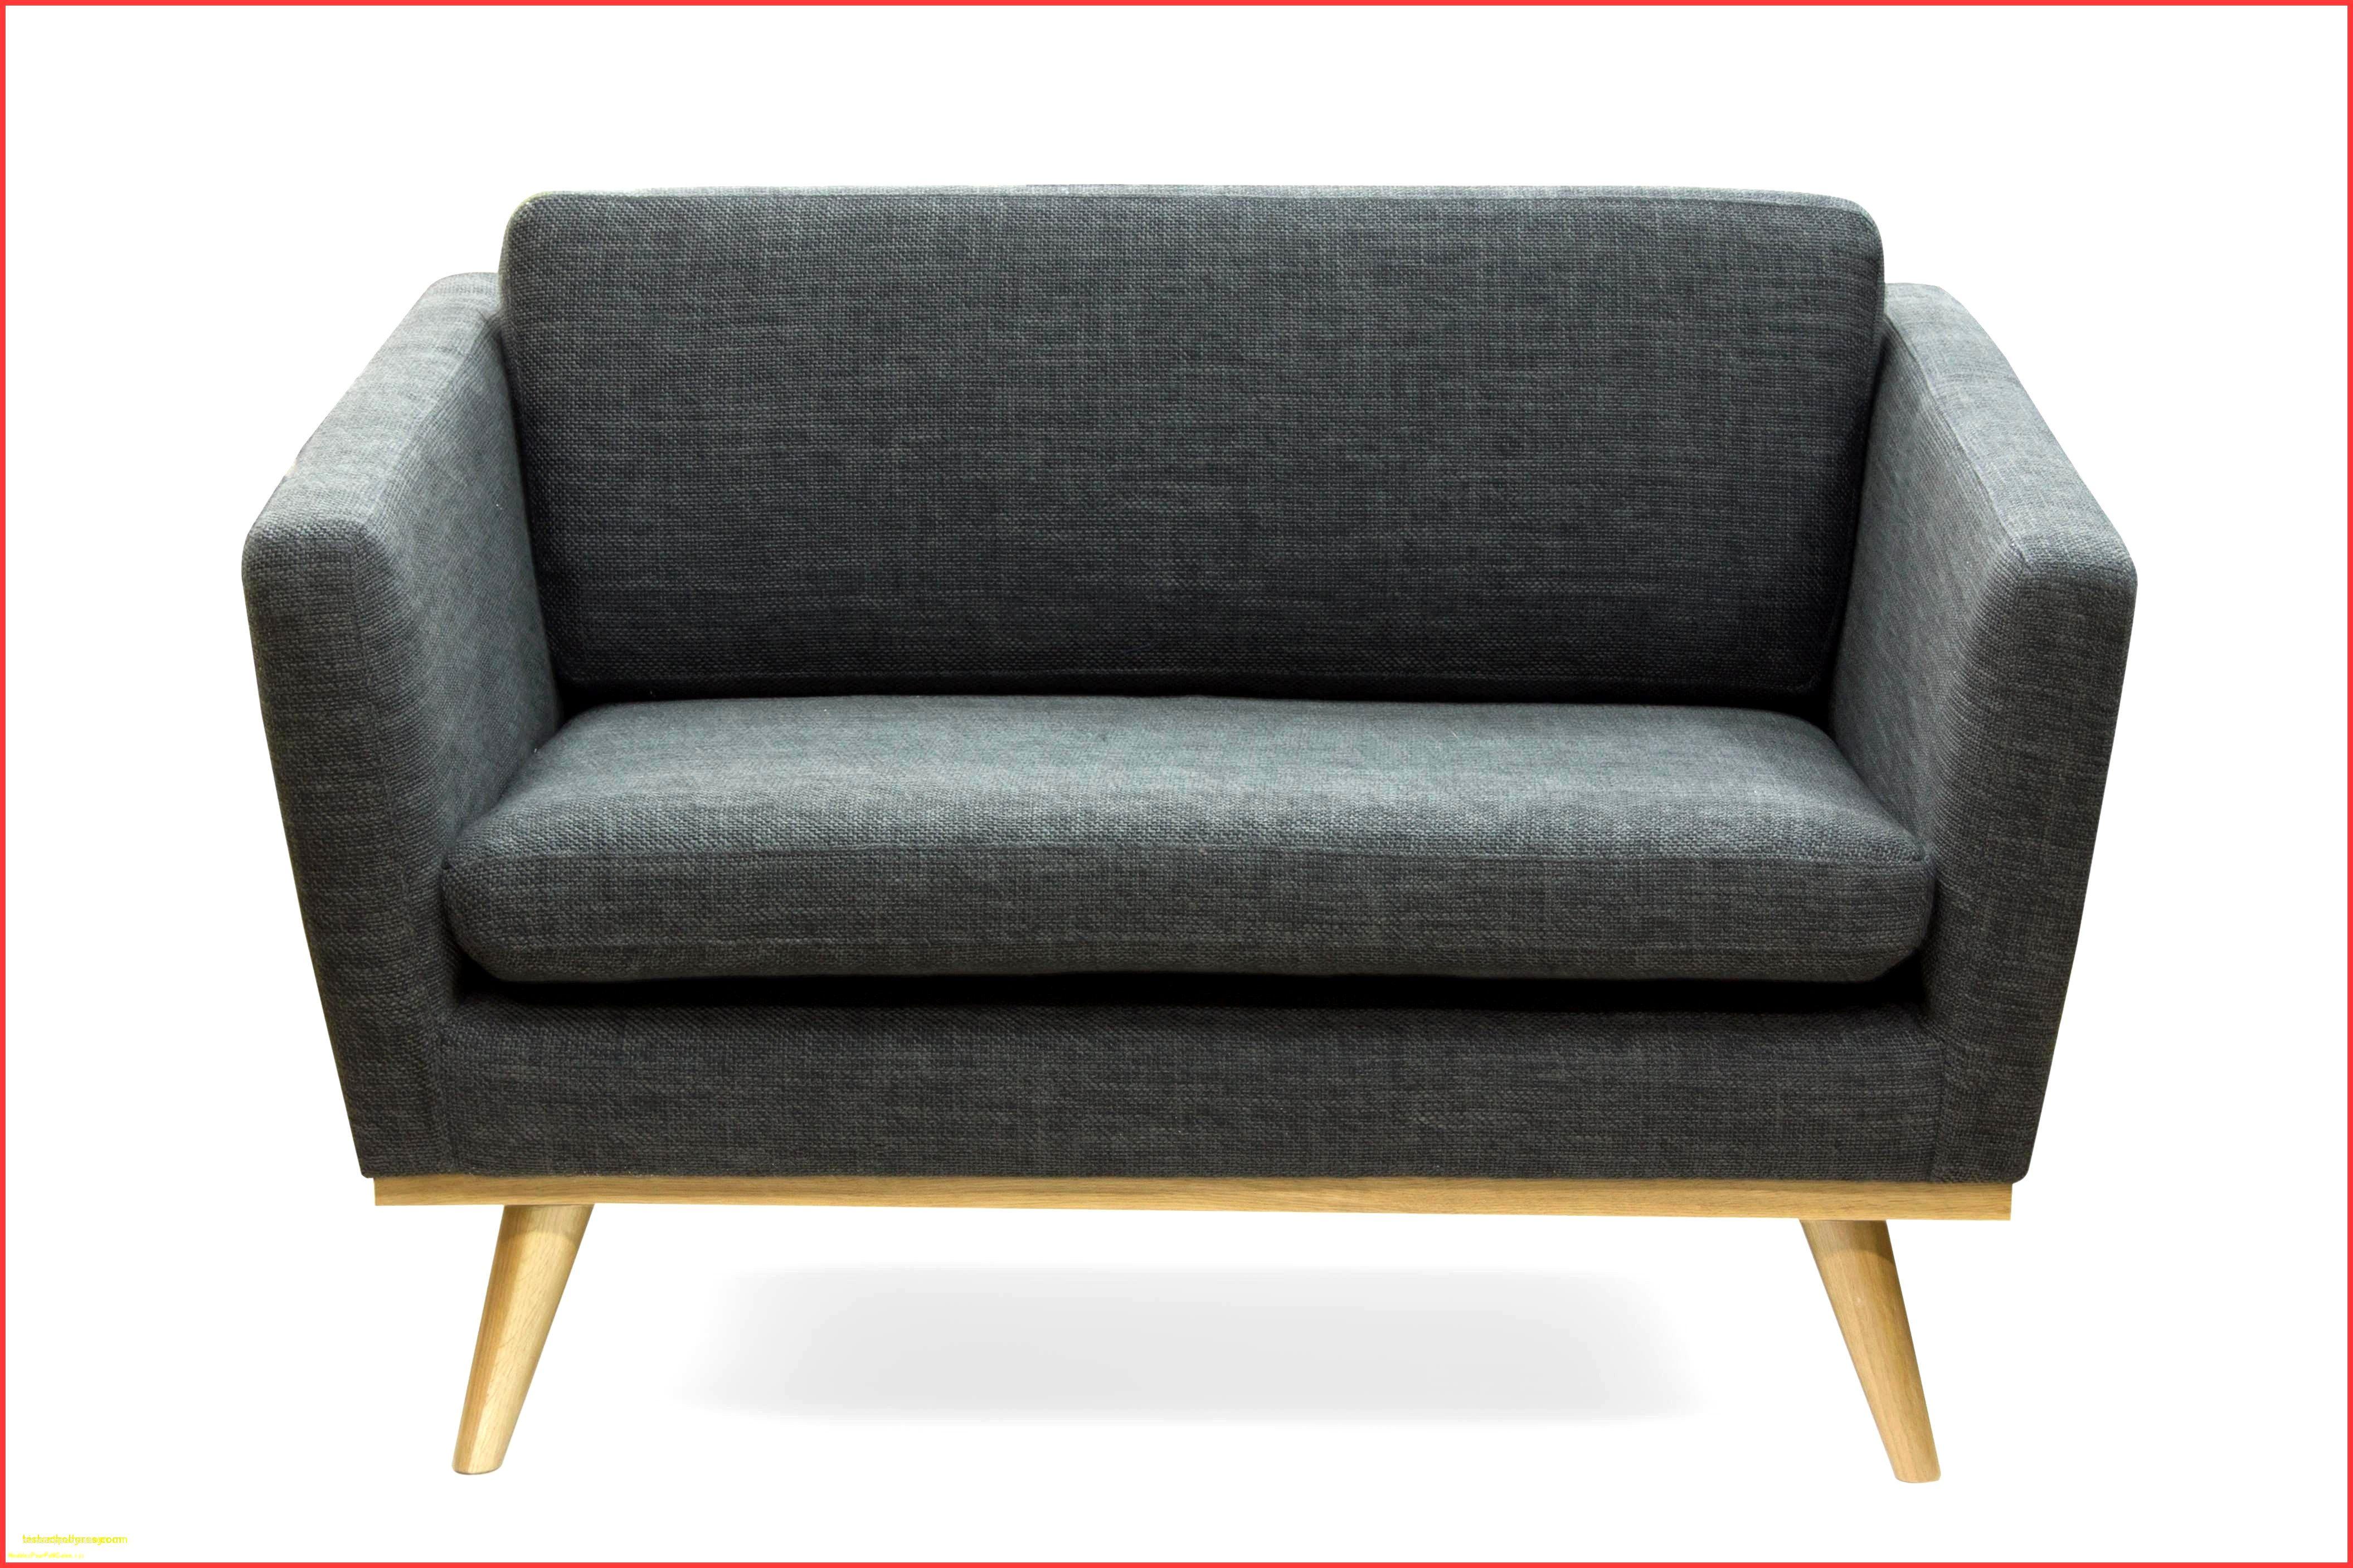 Lit Avec Rangement Intégré Magnifique Armoire Bureau Intégré Unique Evier Cuisine Mitigeur Ikea Avec H C3